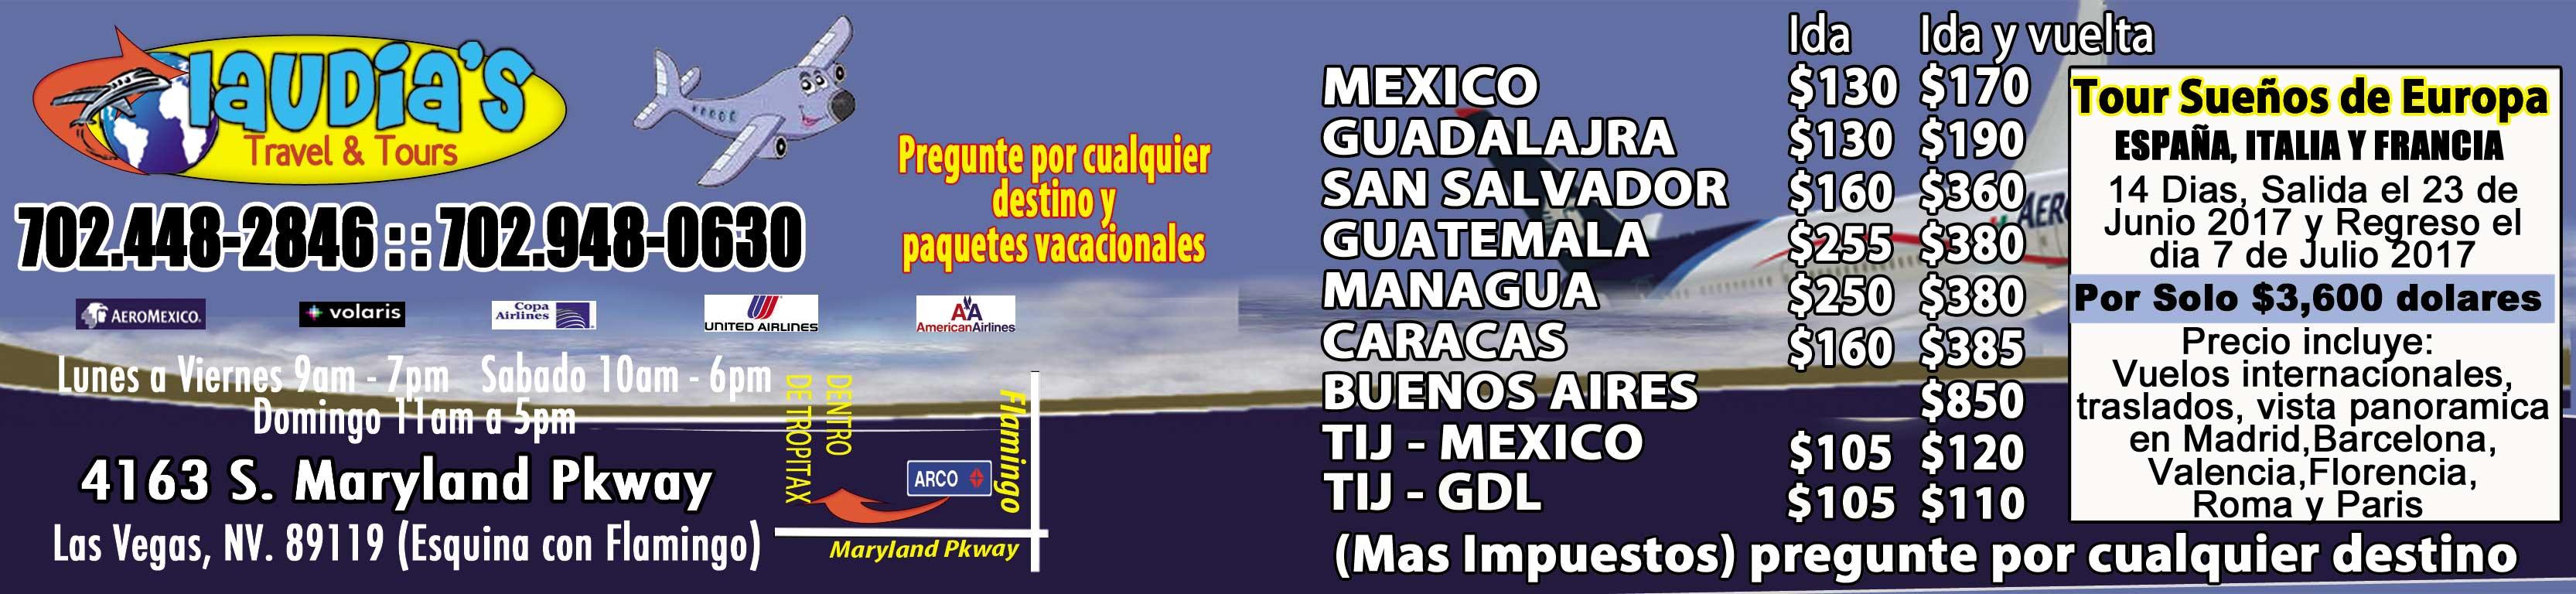 http://www.solo-ofertas-usa.com/wp-content/uploads/2012/02/claudias-banner-calendario.jpg